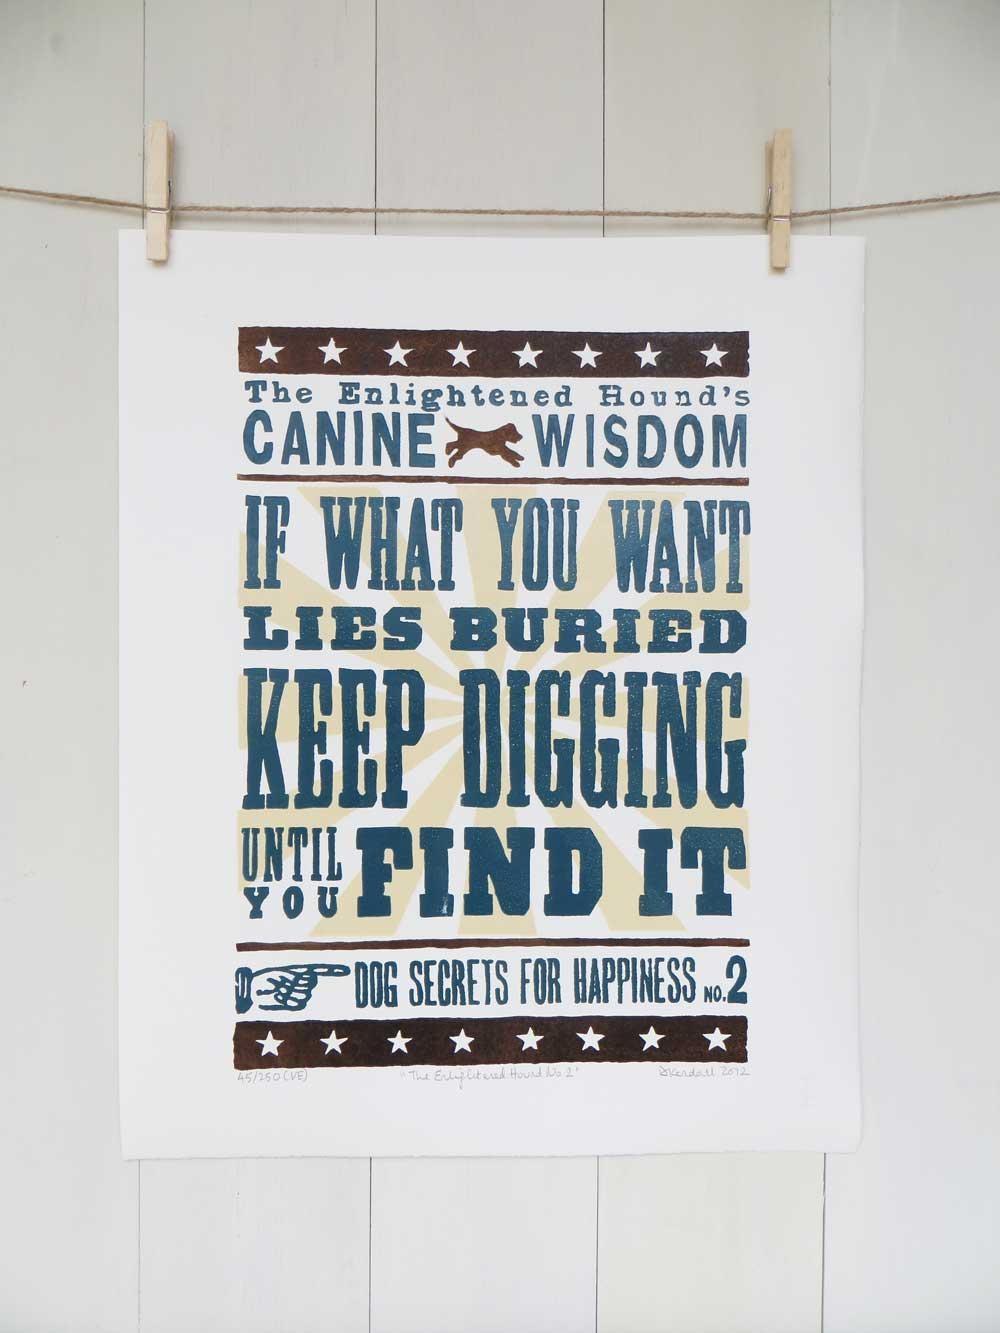 Inspirational Dog Sayings For Life: Original Word Art Print No2 Pertaining To Dog Sayings Wall Art (Image 9 of 20)